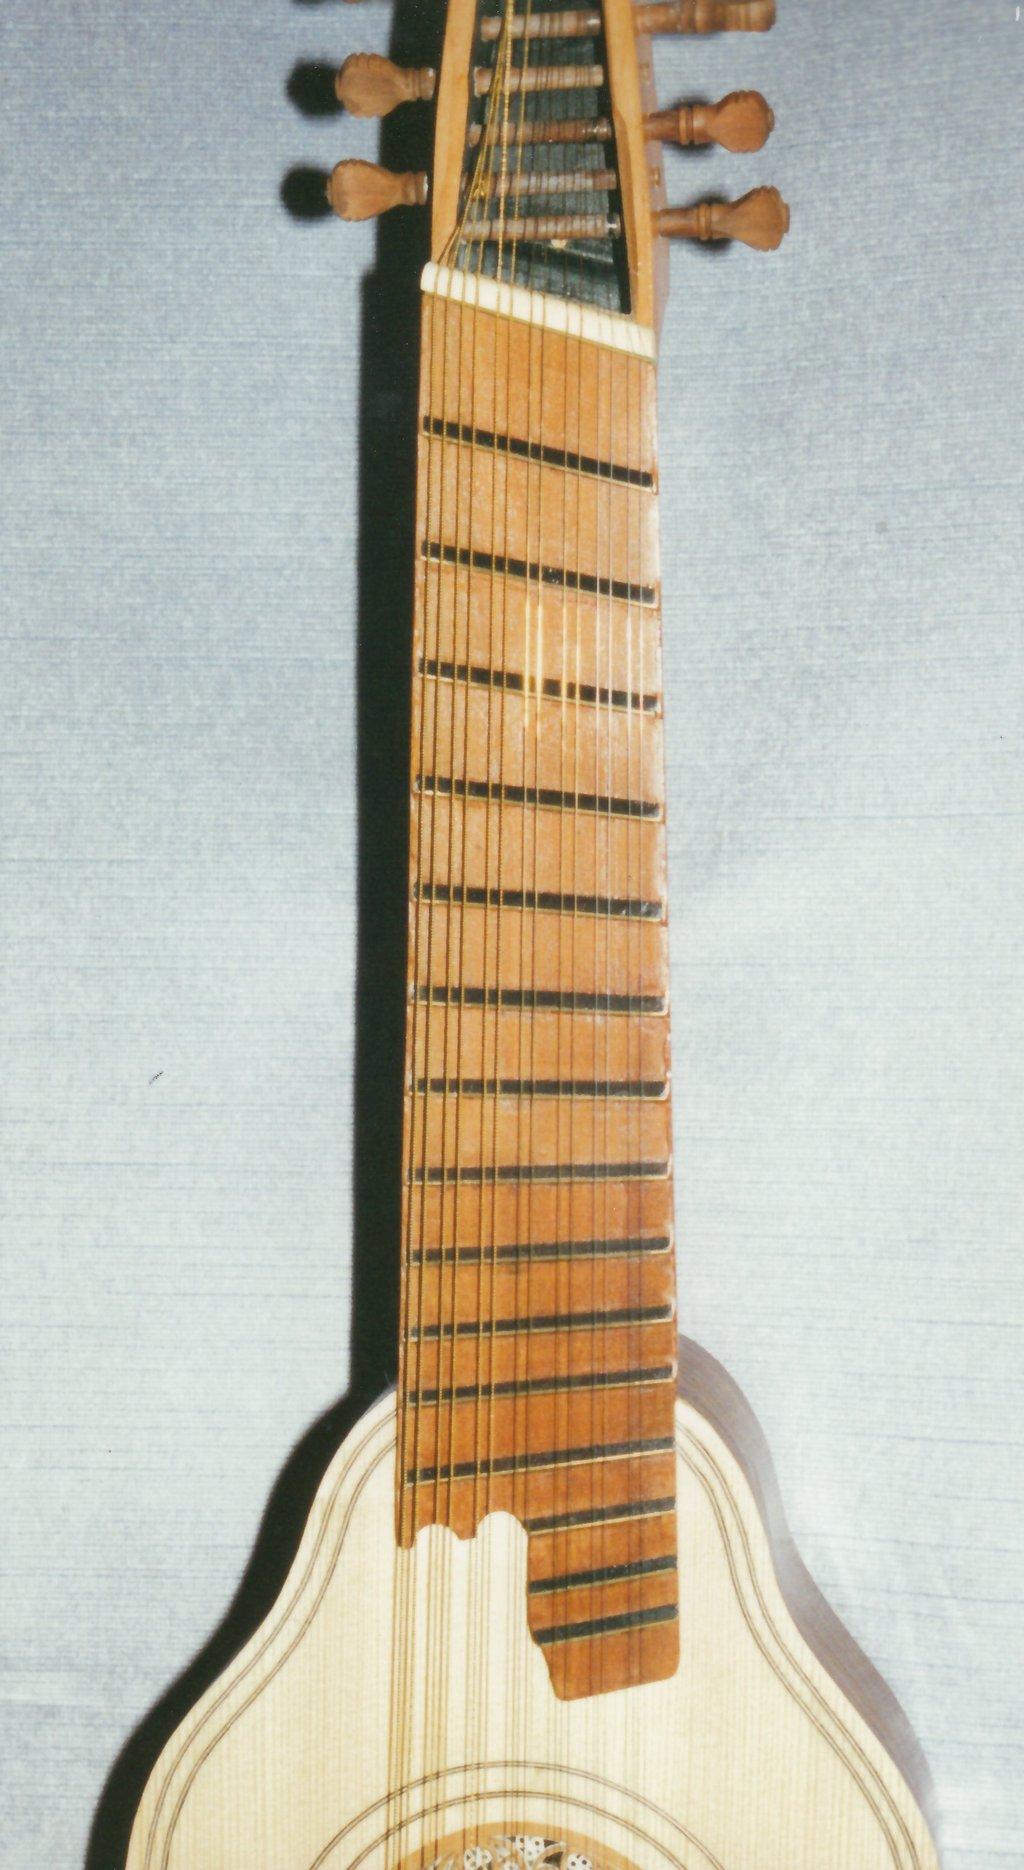 Fabrication d'instruments de musique anciens de bgire - Page 2 QMr6Ib-1994-Orpharion-64